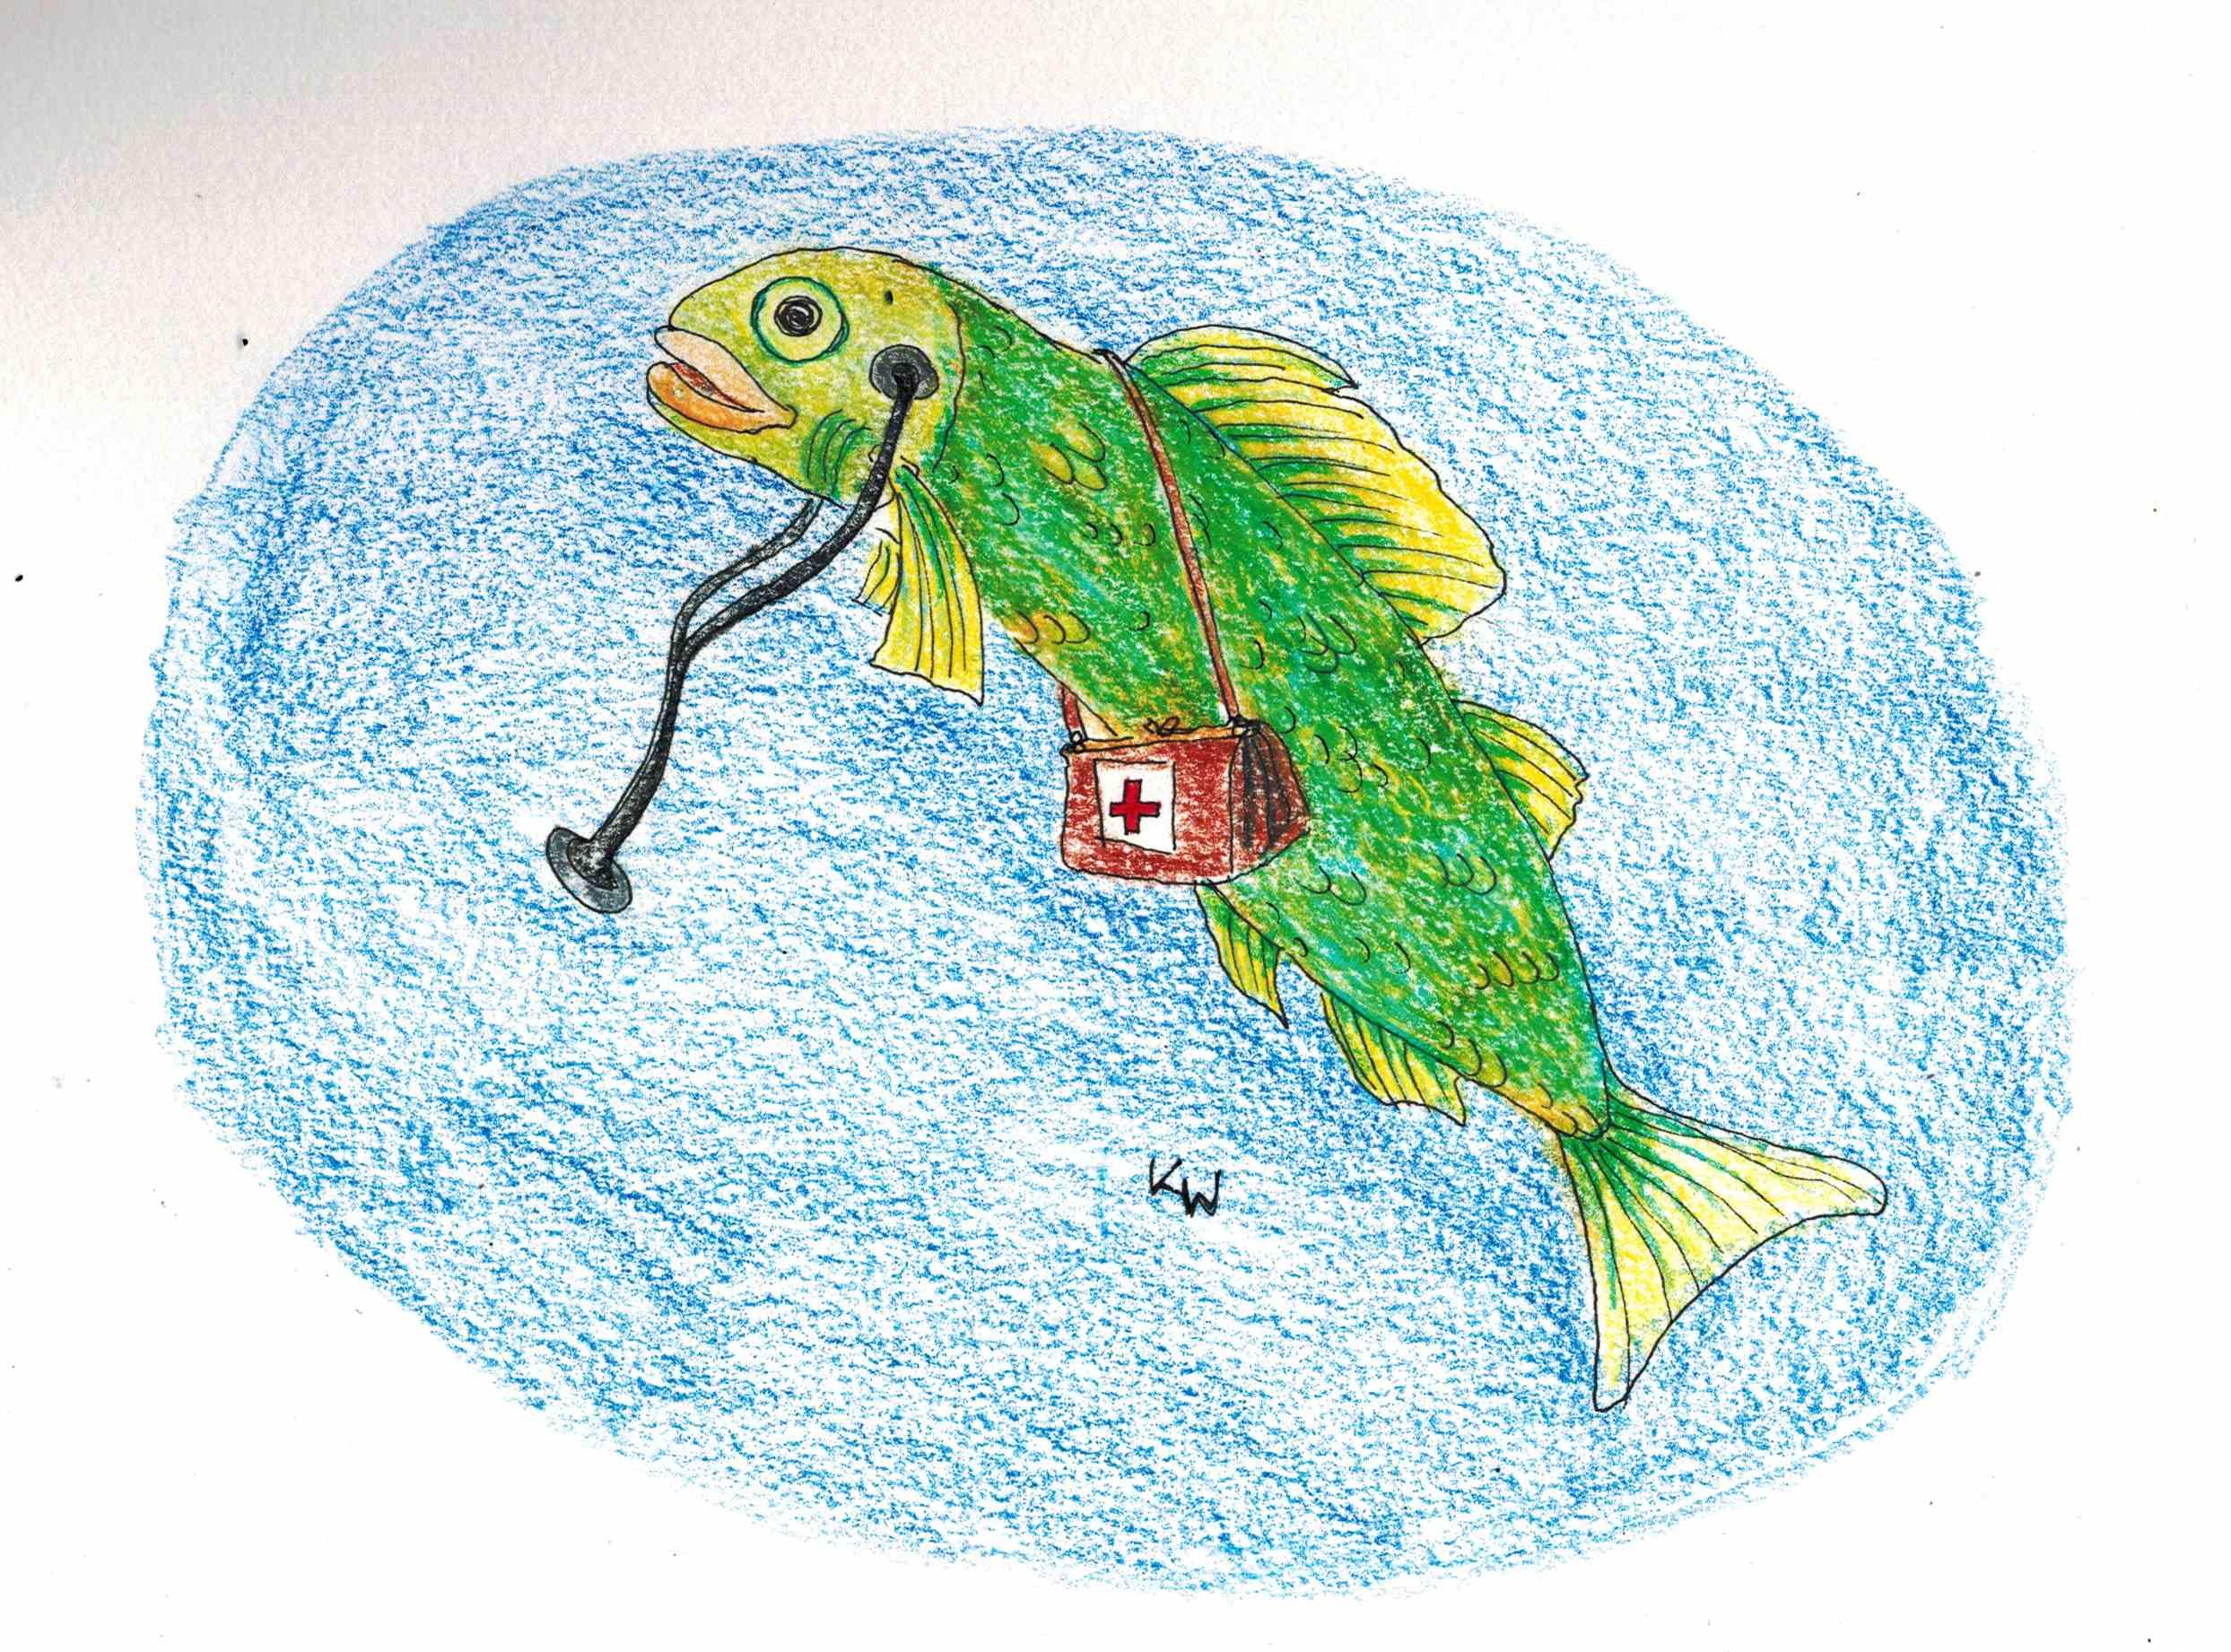 fe11_doktorfisch.jpg